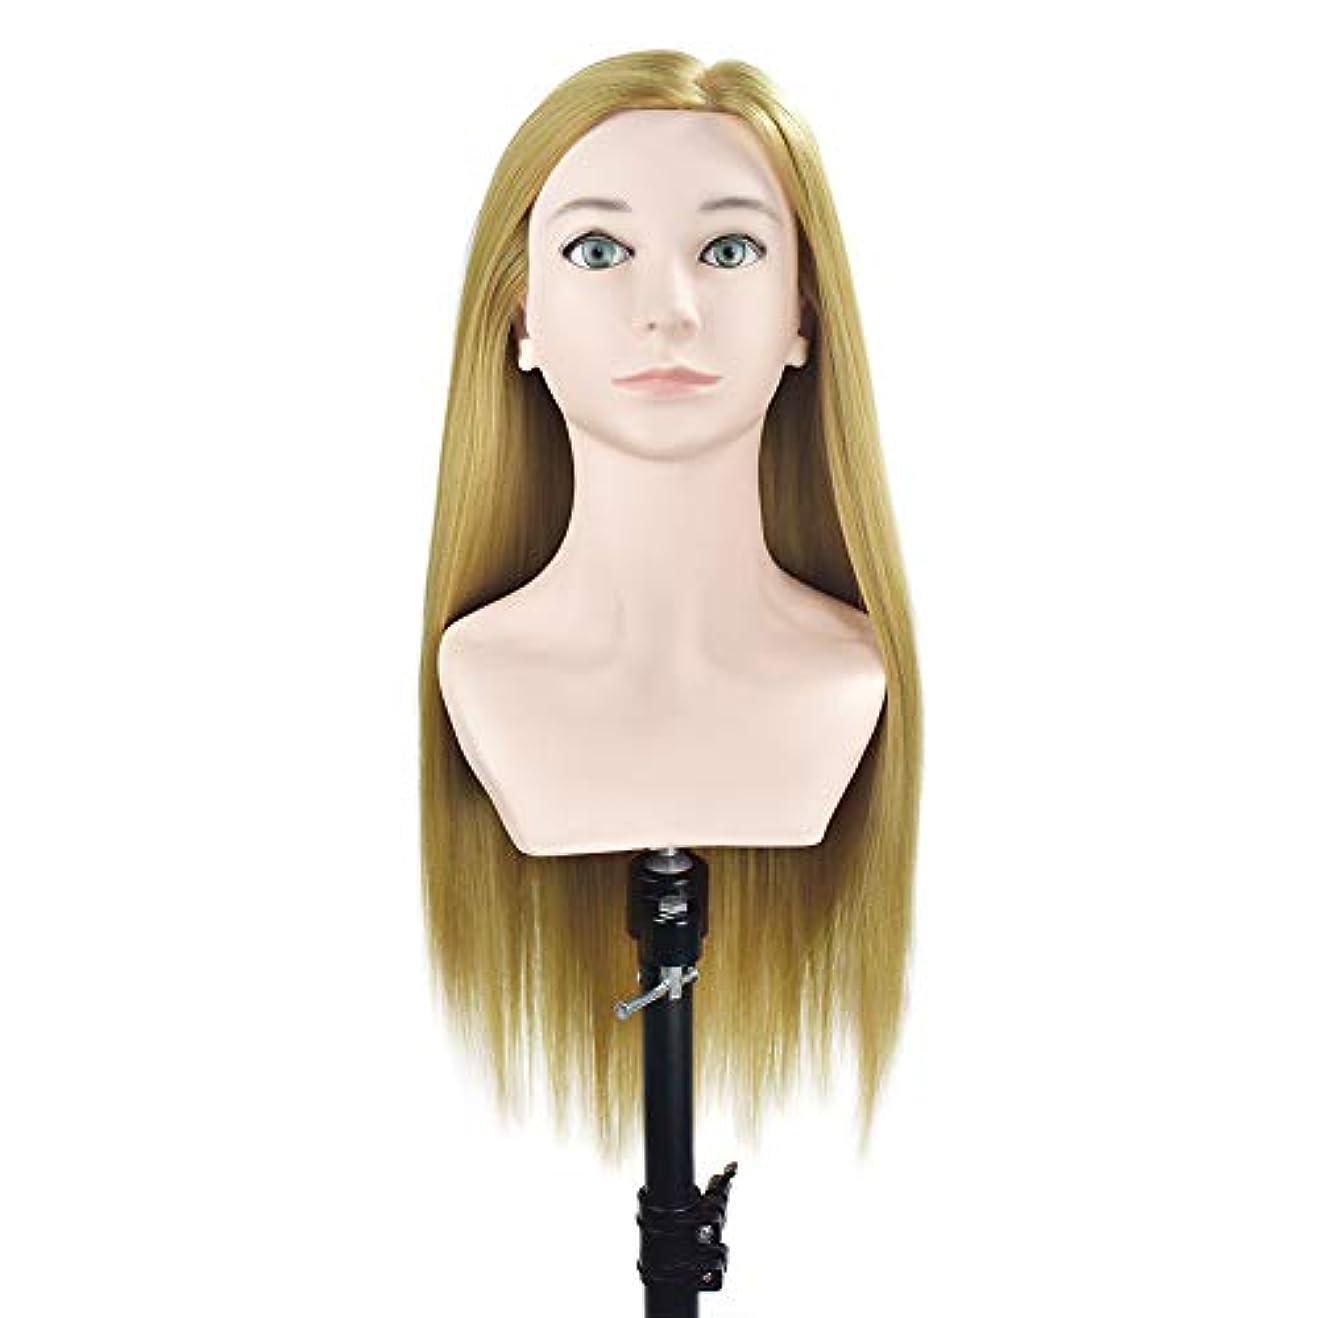 仮説マングルつかの間サロンの髪の編み物の美容指導の頭スタイリングのヘアカットのダミーヘッドのメイク肩の学習マネキンの頭